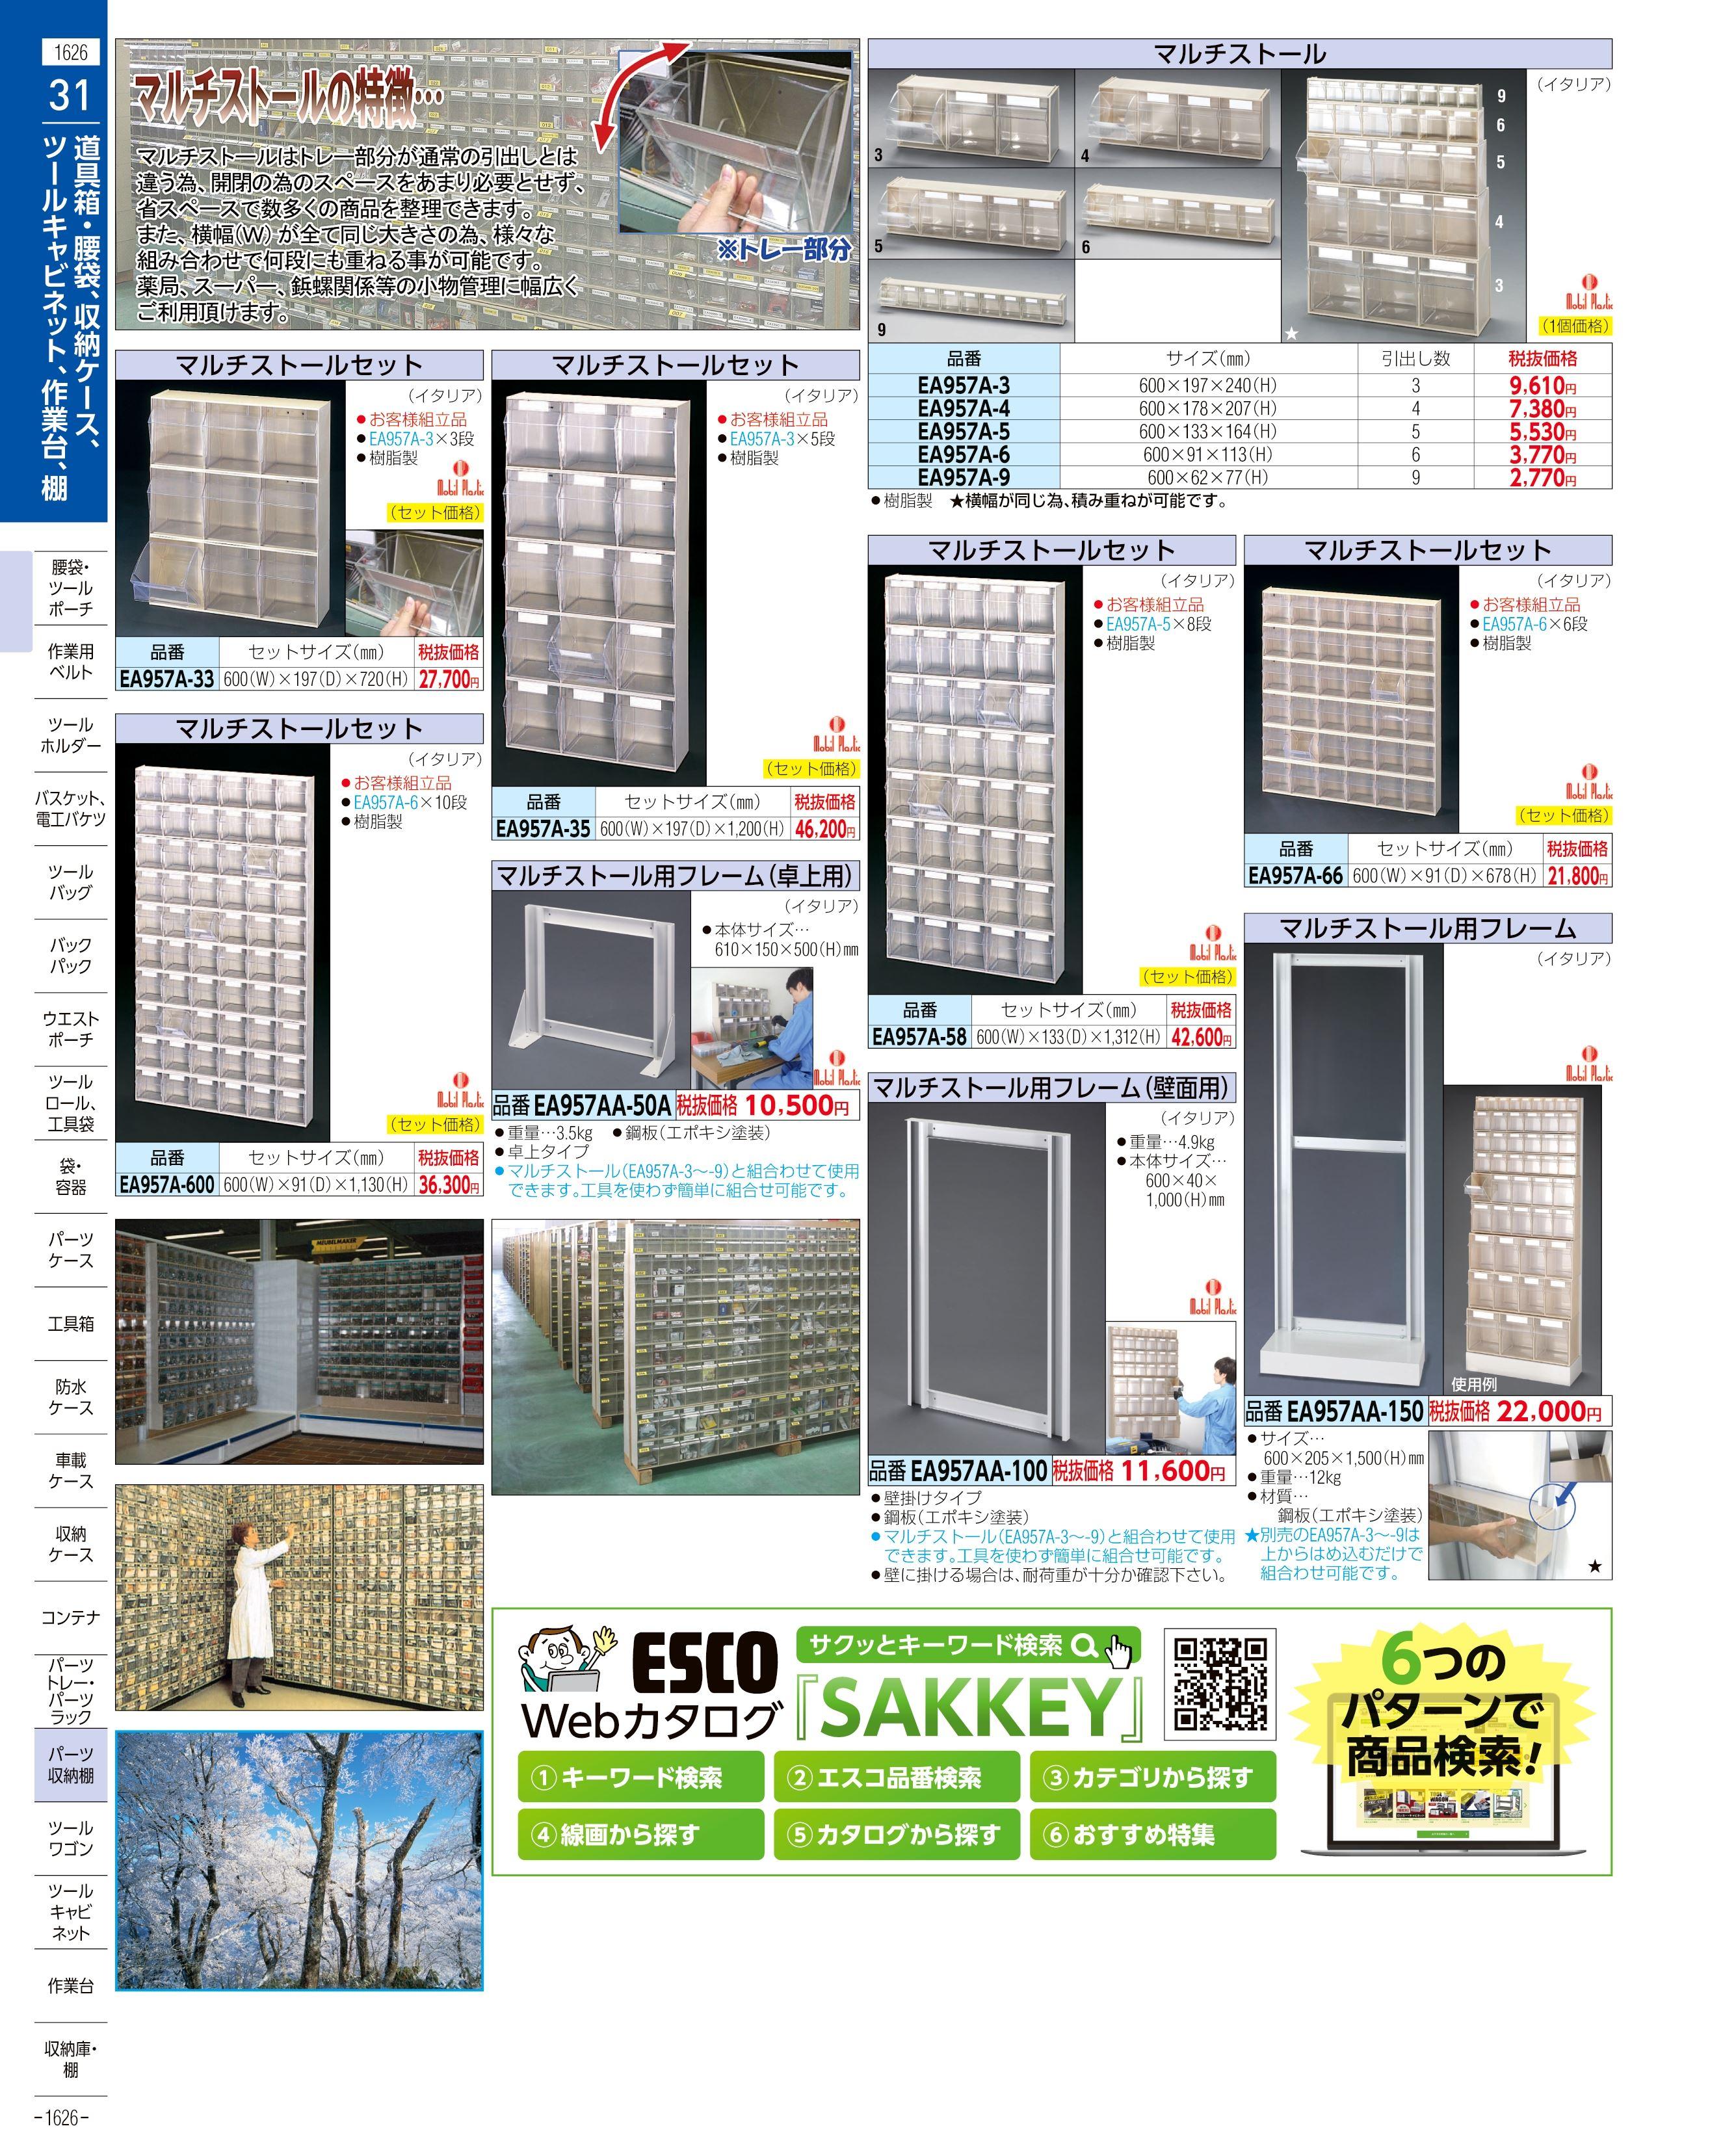 エスコ便利カタログ表紙